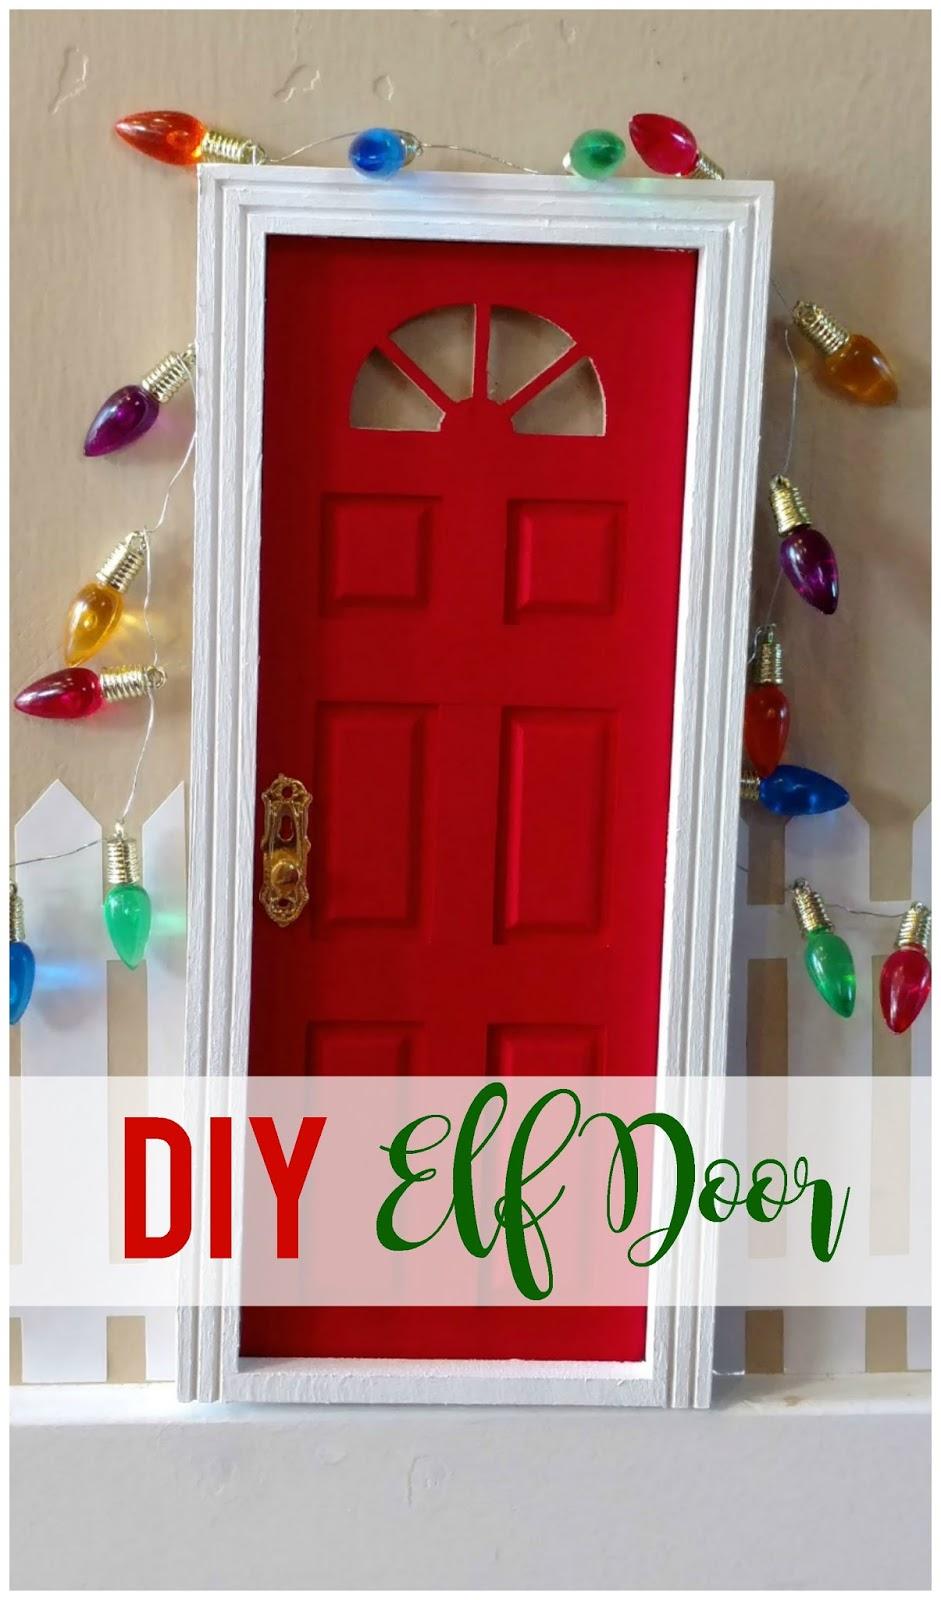 Diy elf door sunshine and munchkins for Homemade elf door